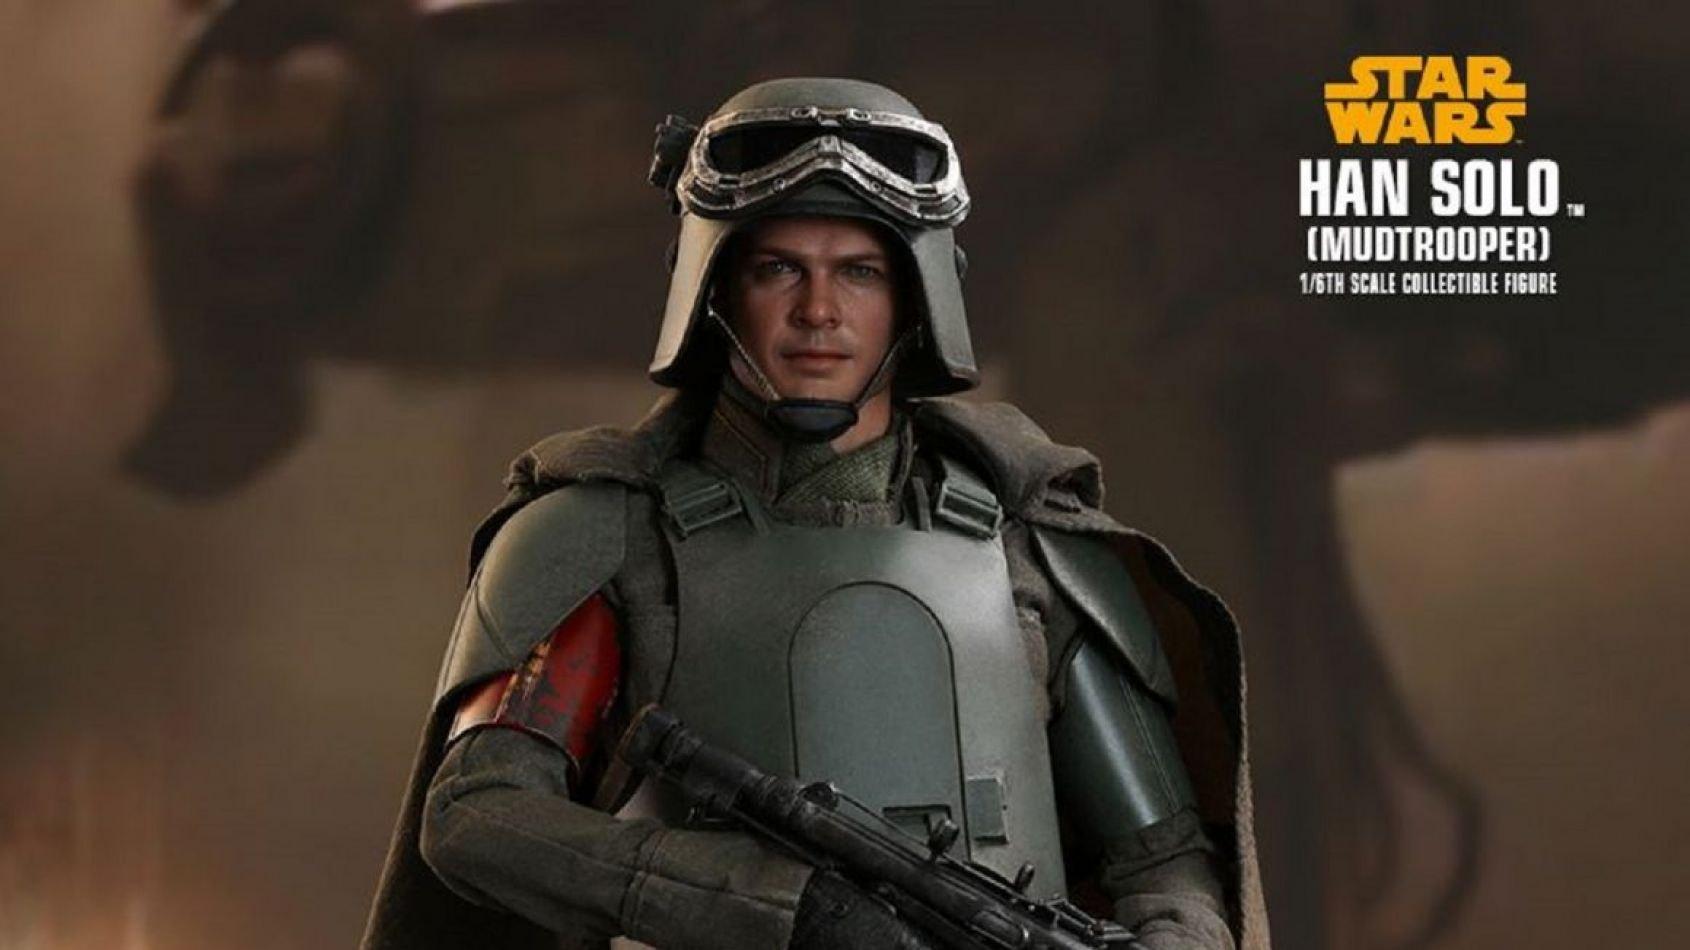 Hot Toys annonce une figurine de Solo en Mudtrooper